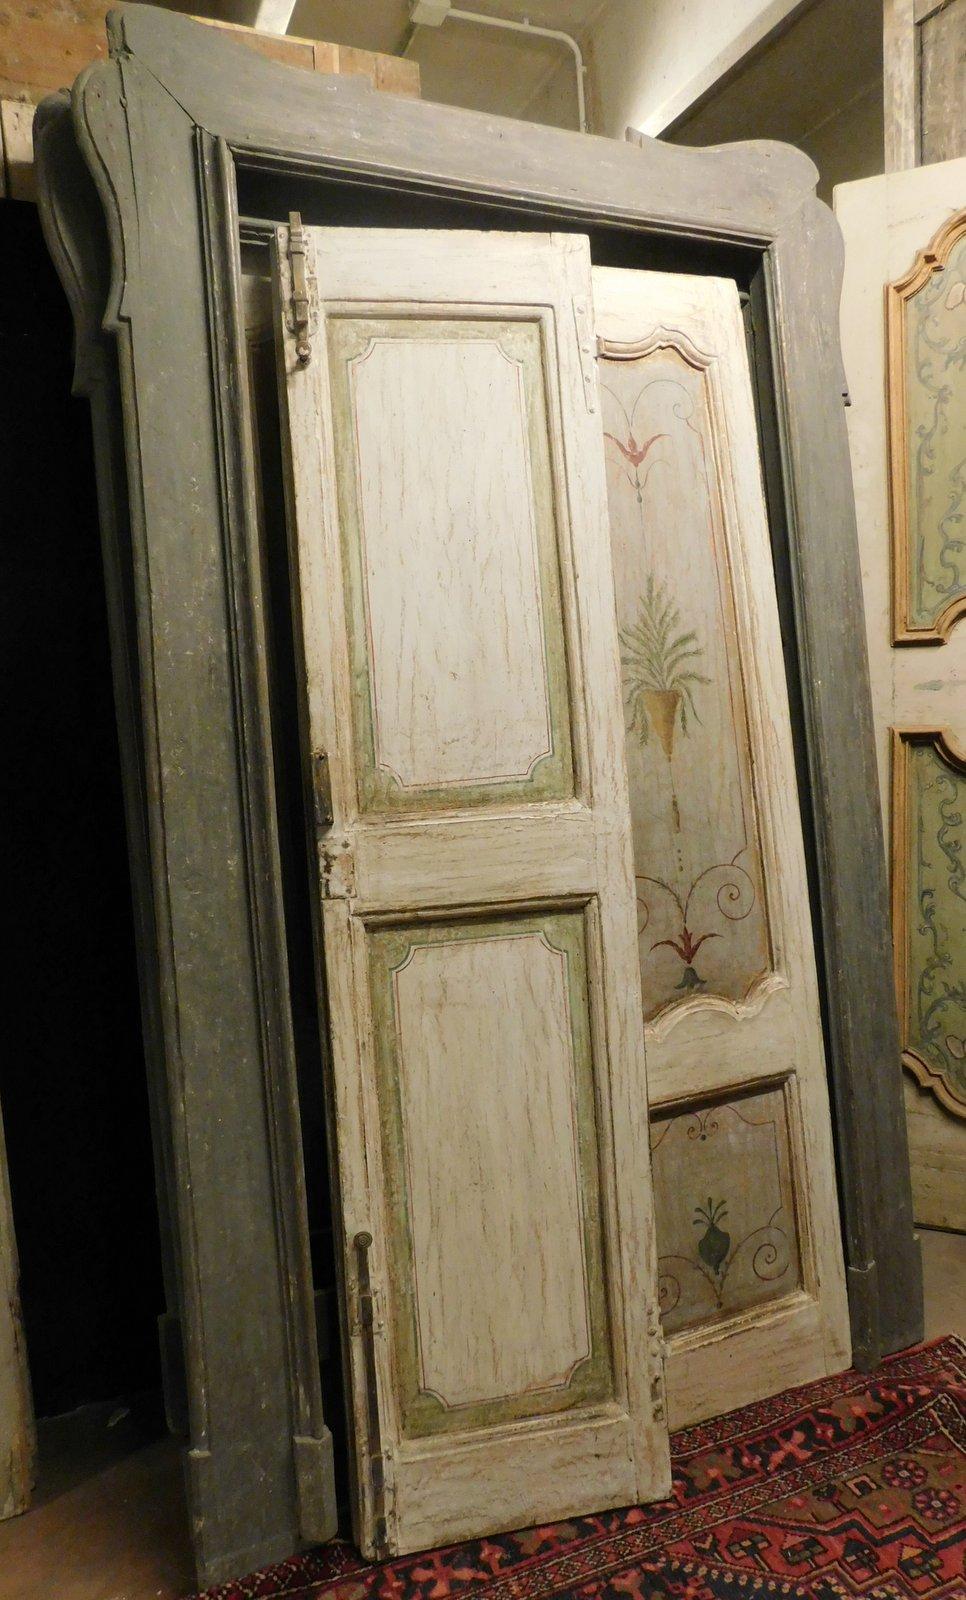 thumb4 pts736 - n. 3 porte laccate con pannelli dipinti, complete di telaio, epoca '700, porta in foto misura cm l 144 x h 242, luce cm l 102 x h 217